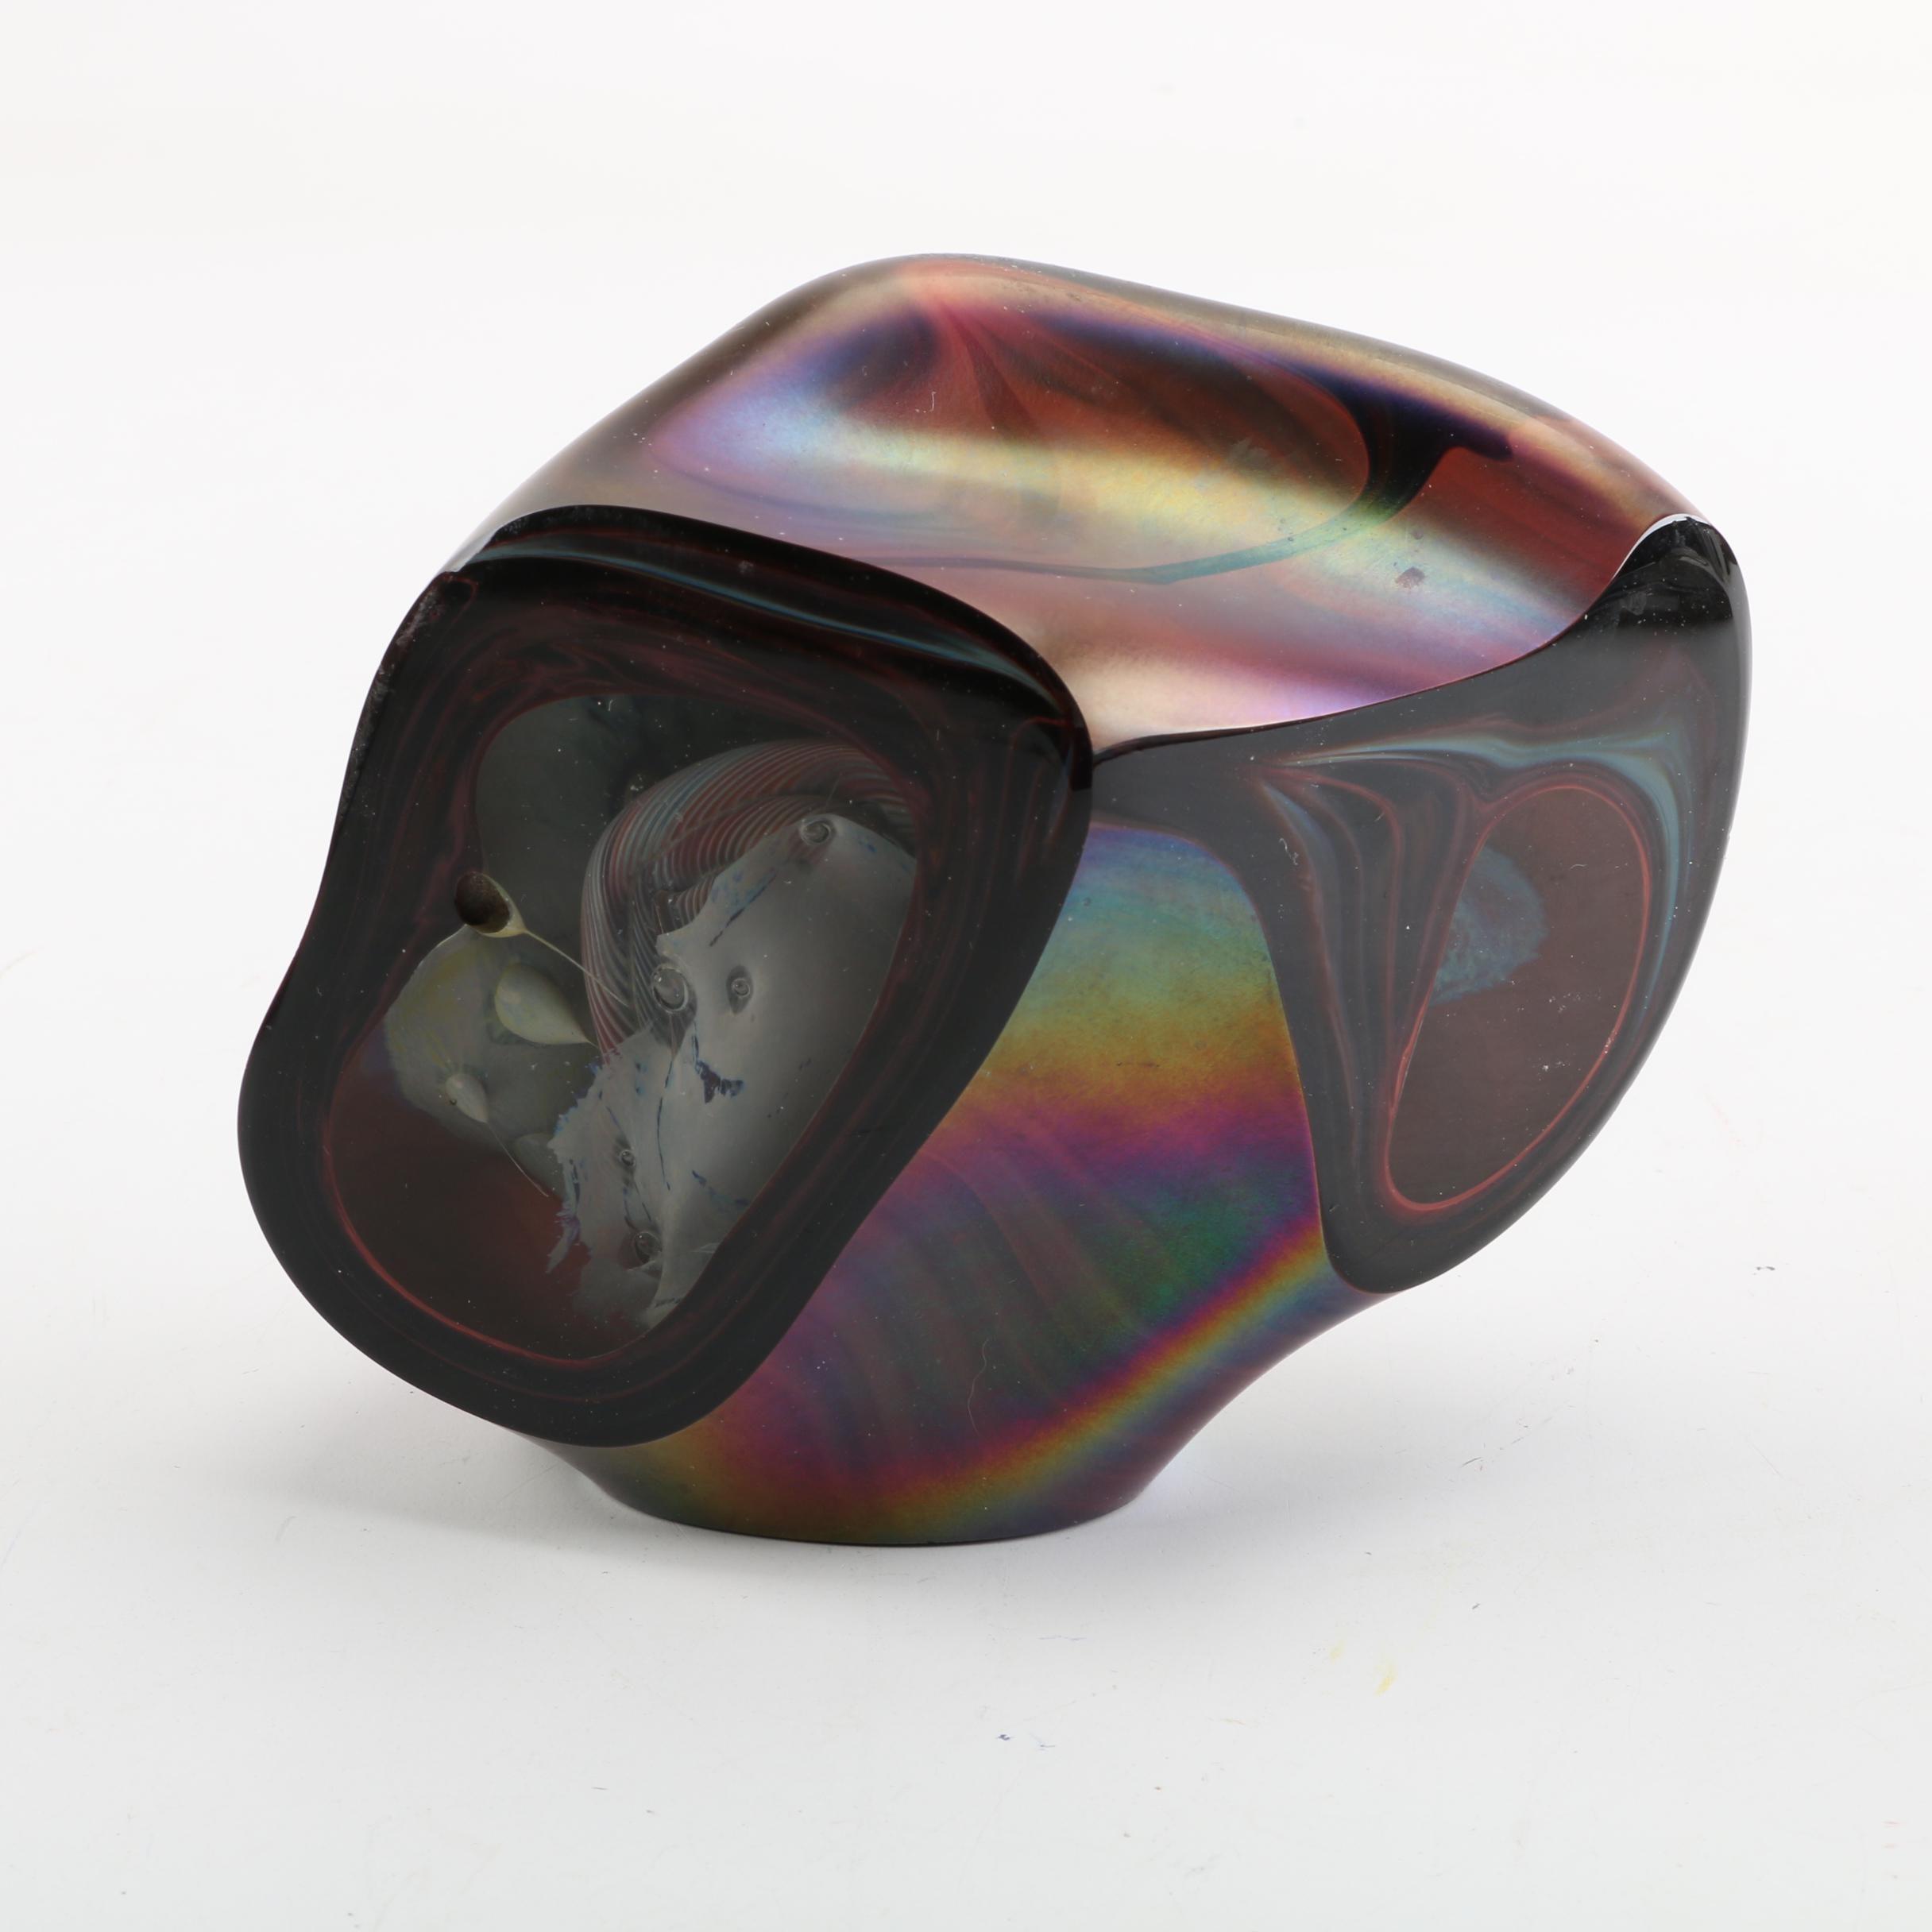 2003 Signed Iridescent Amorphous Art Glass Sculpture